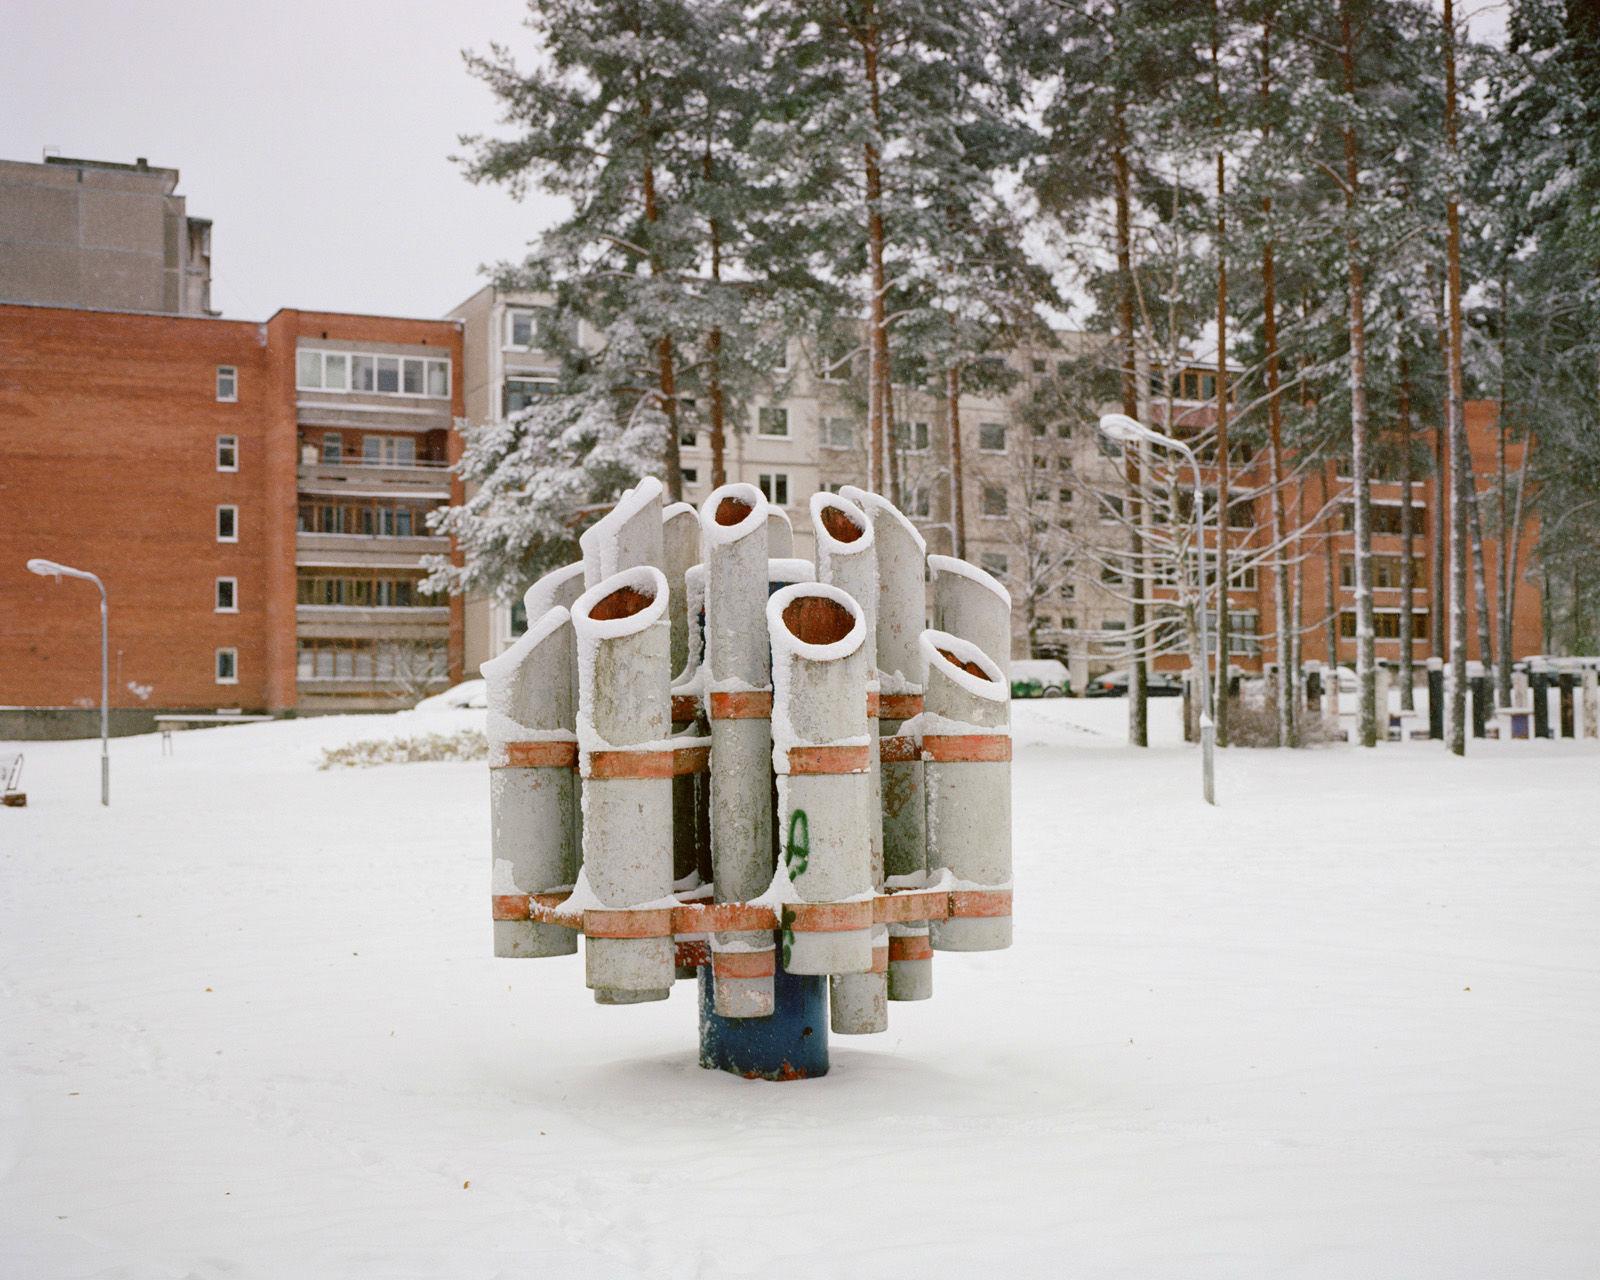 Visaginas. La ciudad se construyó en 1975 por la Unión Soviética para alojar a los trabajadores de la central nuclear de Ignalina